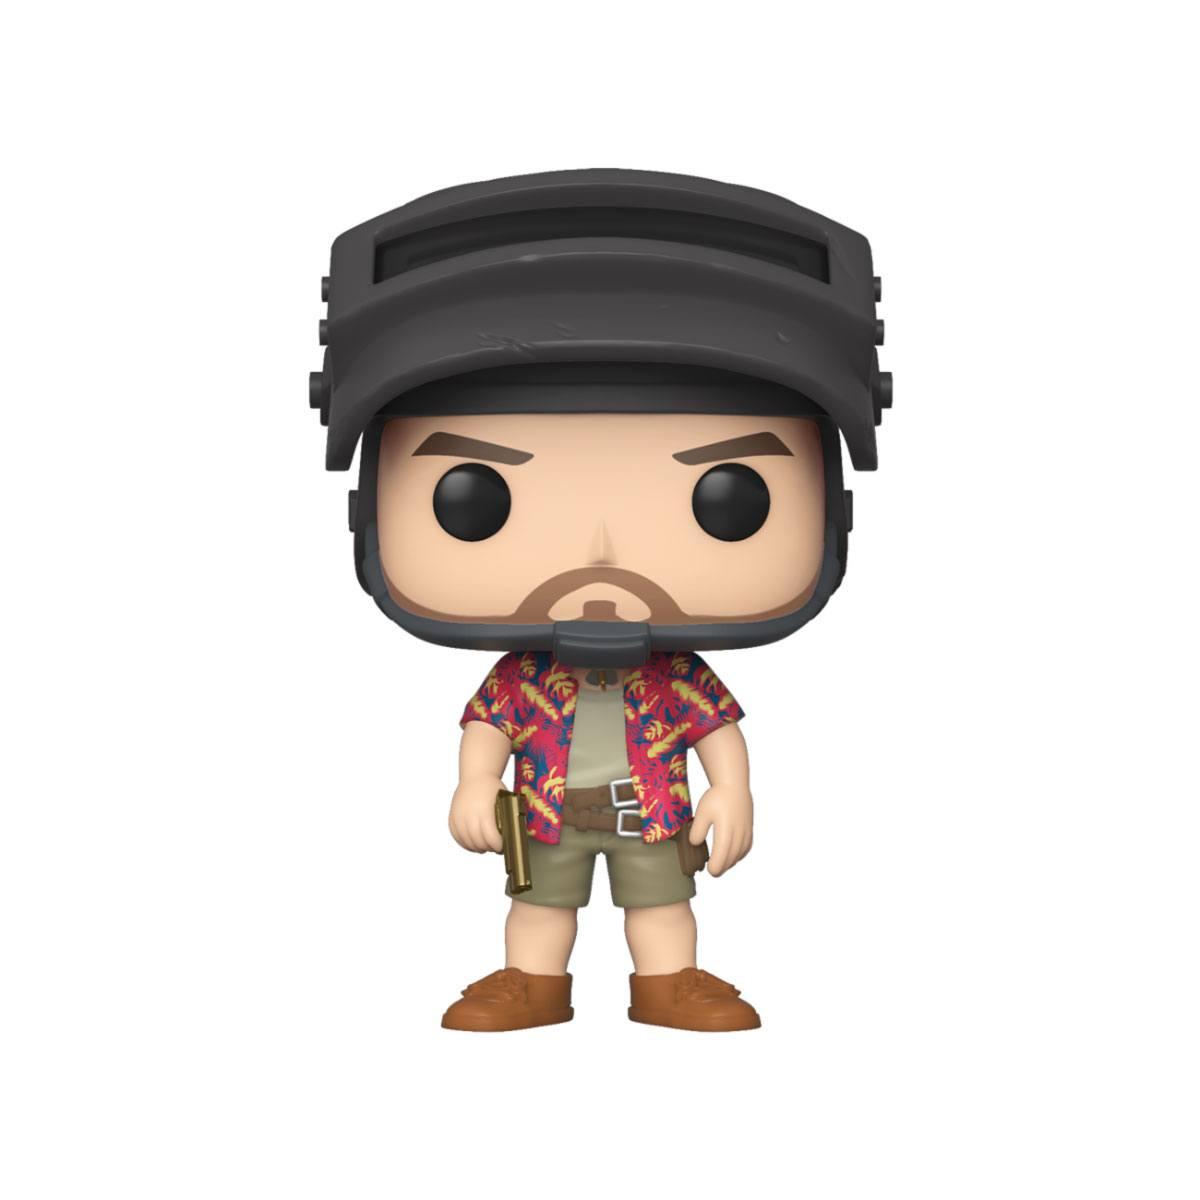 Playerunknown's Battlegrounds (PUBG) POP! Games Vinyl Figure Hawaiian Shirt Guy 9 cm